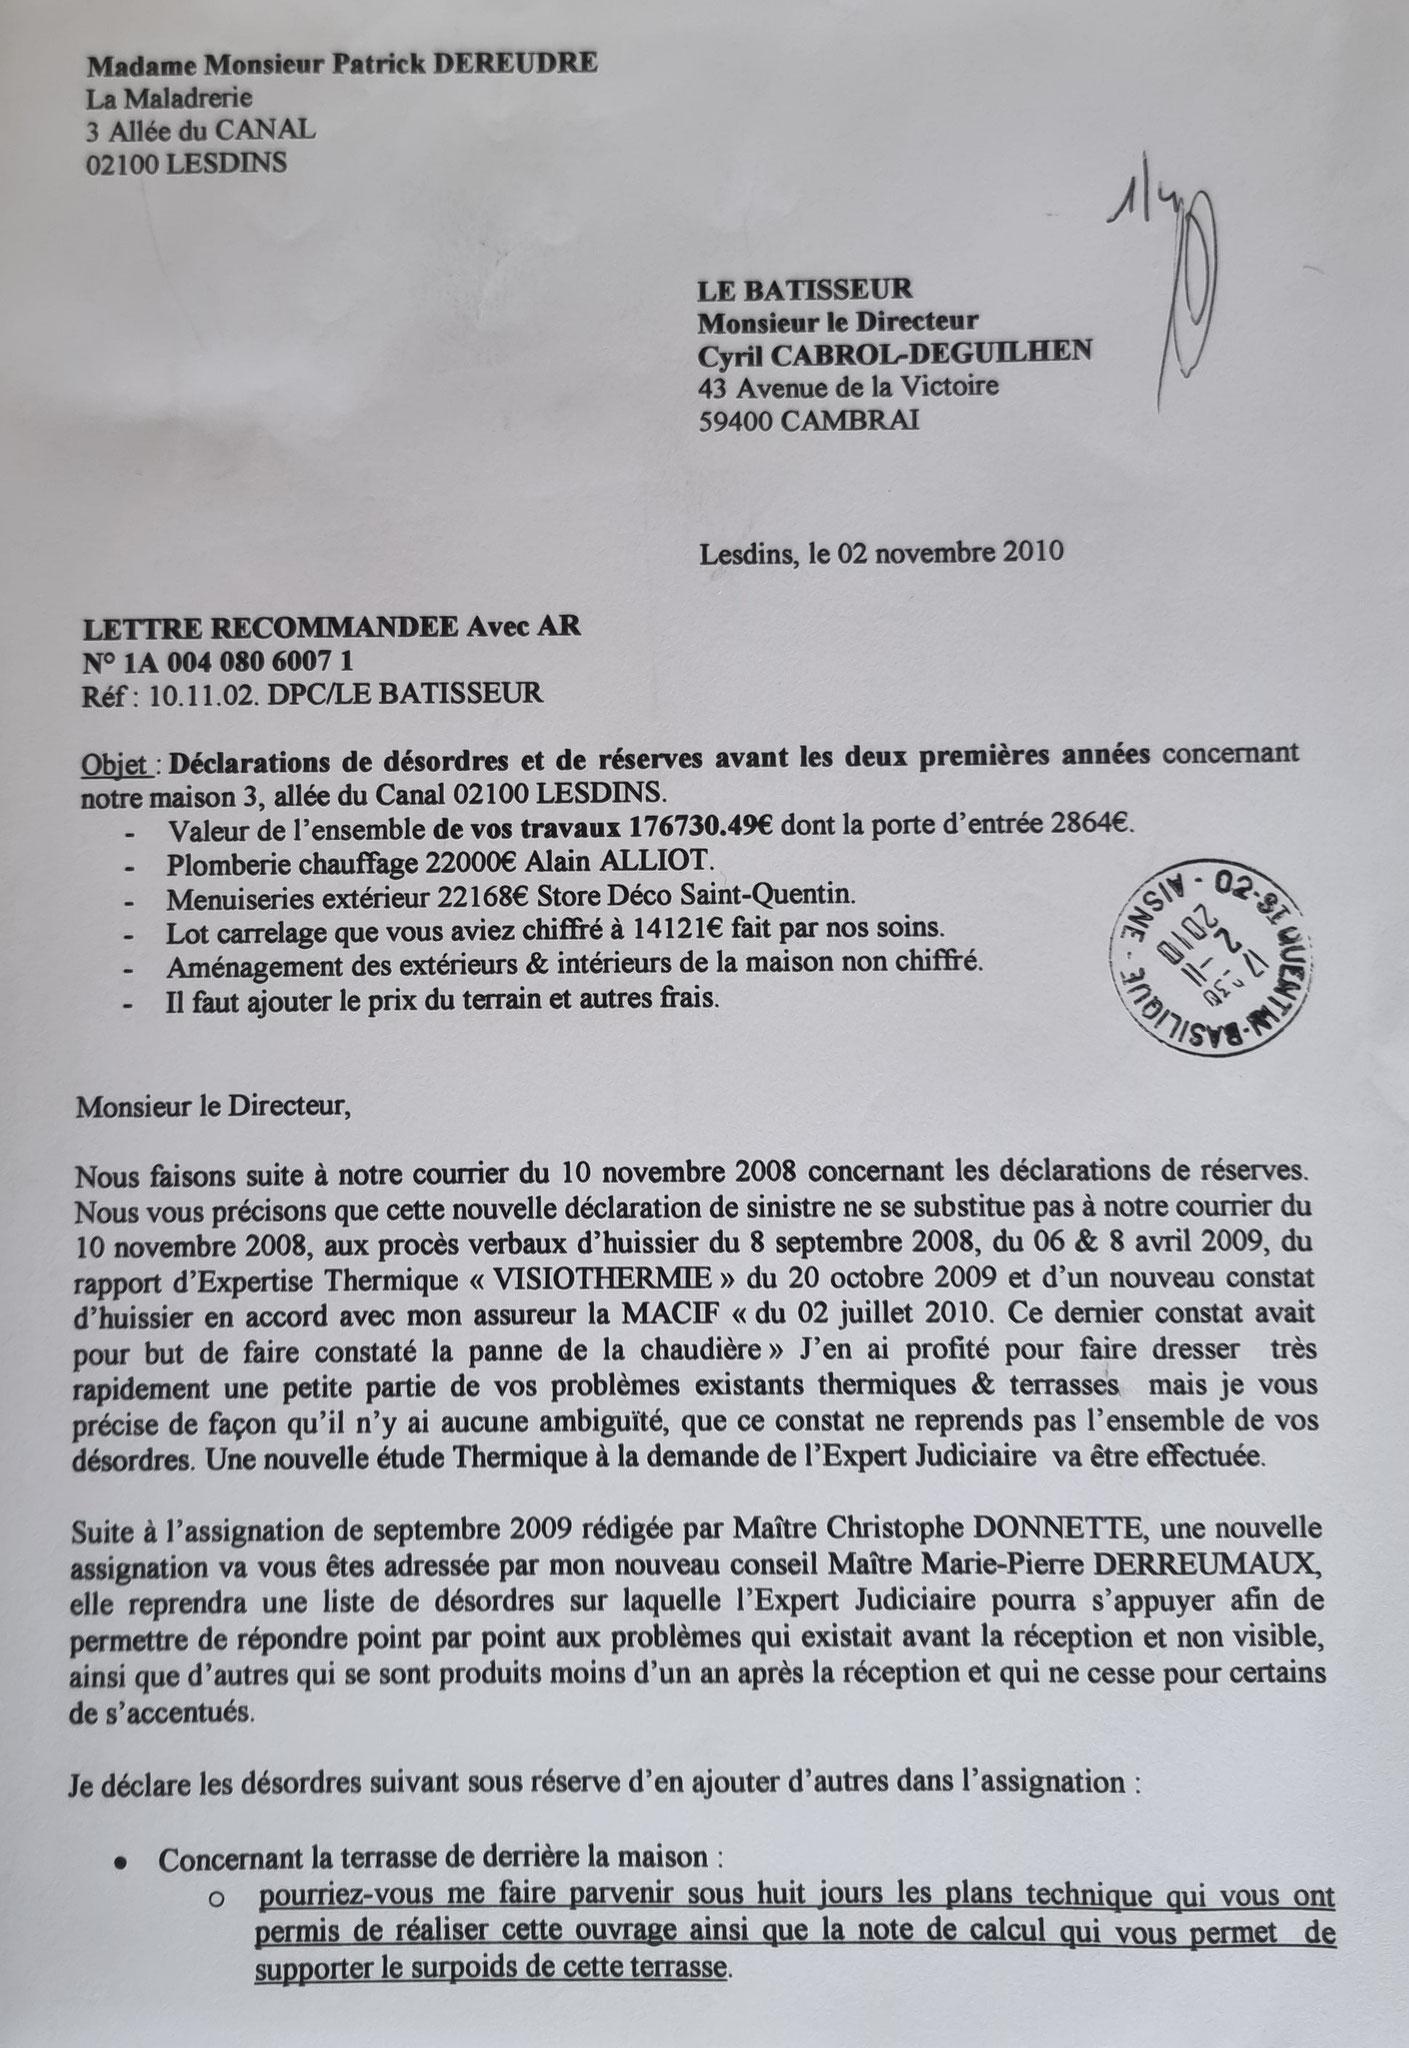 Le 02 novembre 2010 j'adresse une LRAR à Monsieur cyril CABROL-DEGUILHEM mon Constructeur le BATISSEUR à CAMBRAI www.jenesuispasunchien.fr www.jesuisvictime.fr www.jesuispatrick.fr